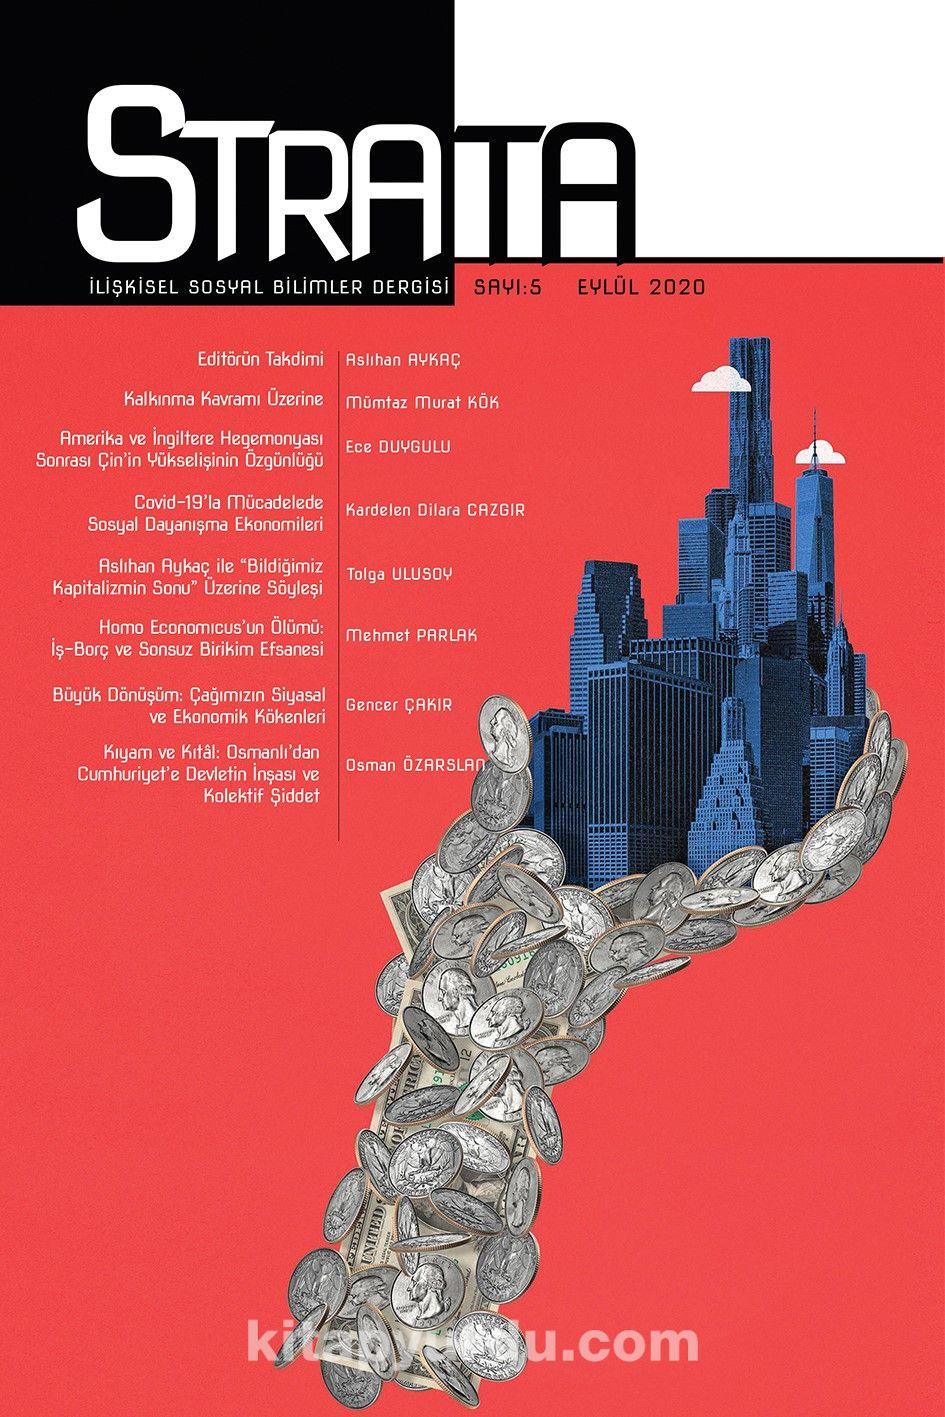 Strata İlişkisel Sosyal Bilimler Dergisi Sayı:5 2020 PDF Kitap İndir